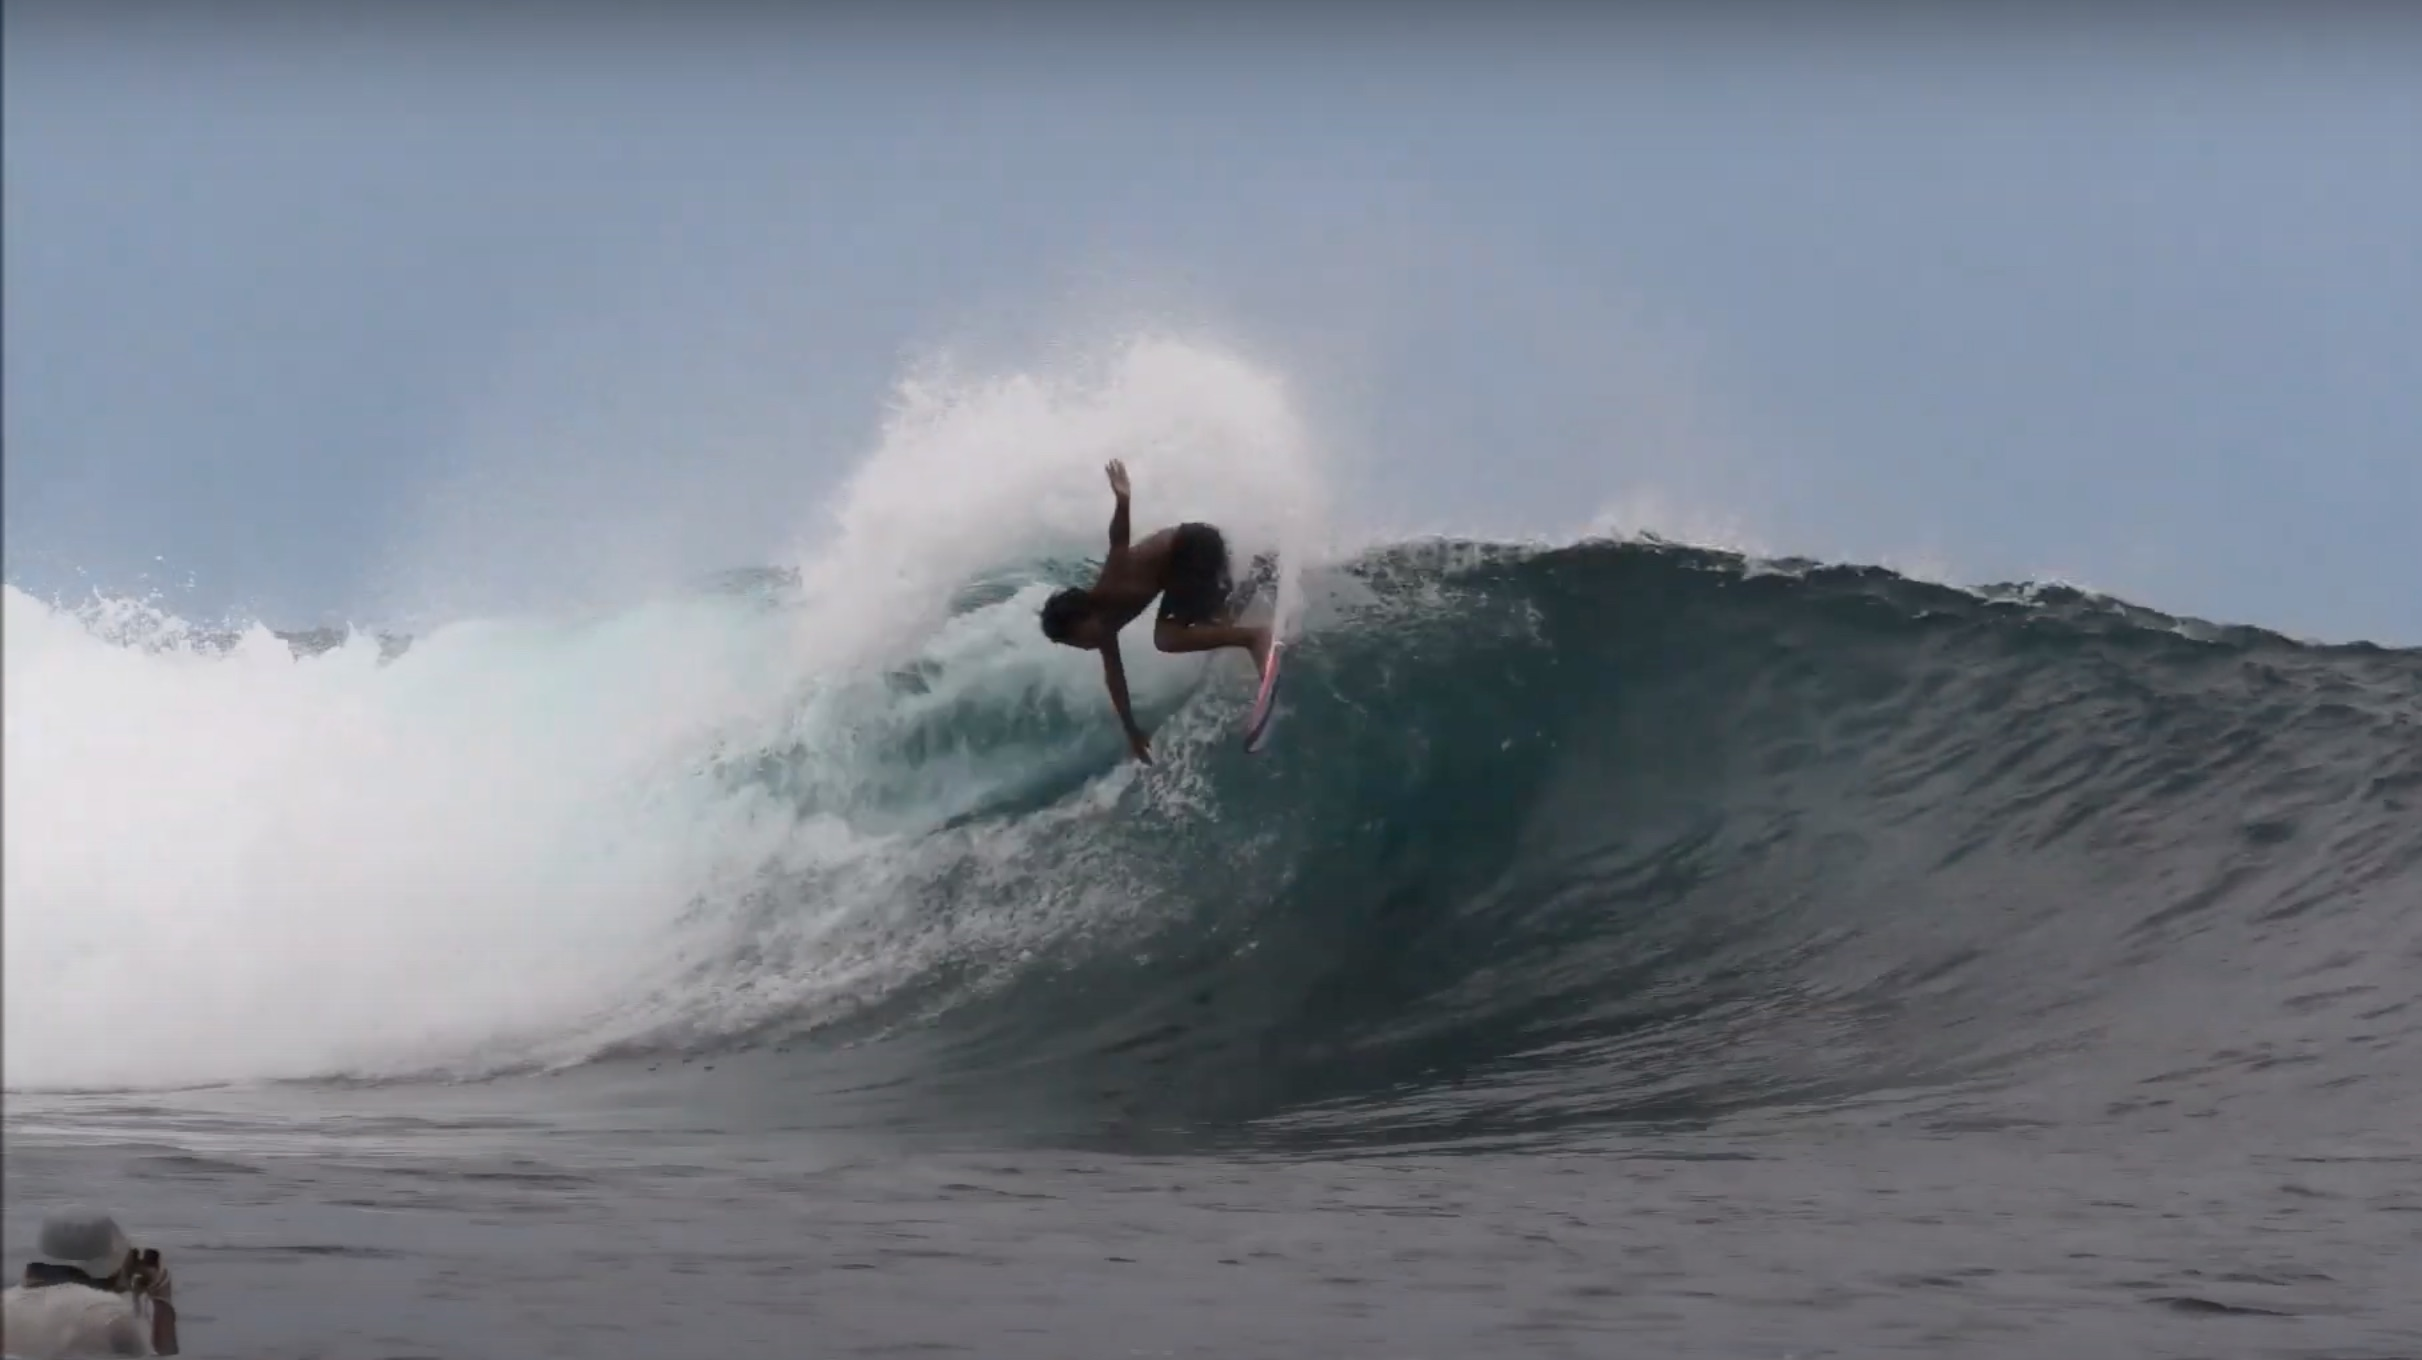 【テストライド】果たして、日本の小波で高性能なEPSボードはインドネシアの頭オーバーではどうなのか!? 飯田航太がシメルーのパーフェクトライトをシュレッド!!